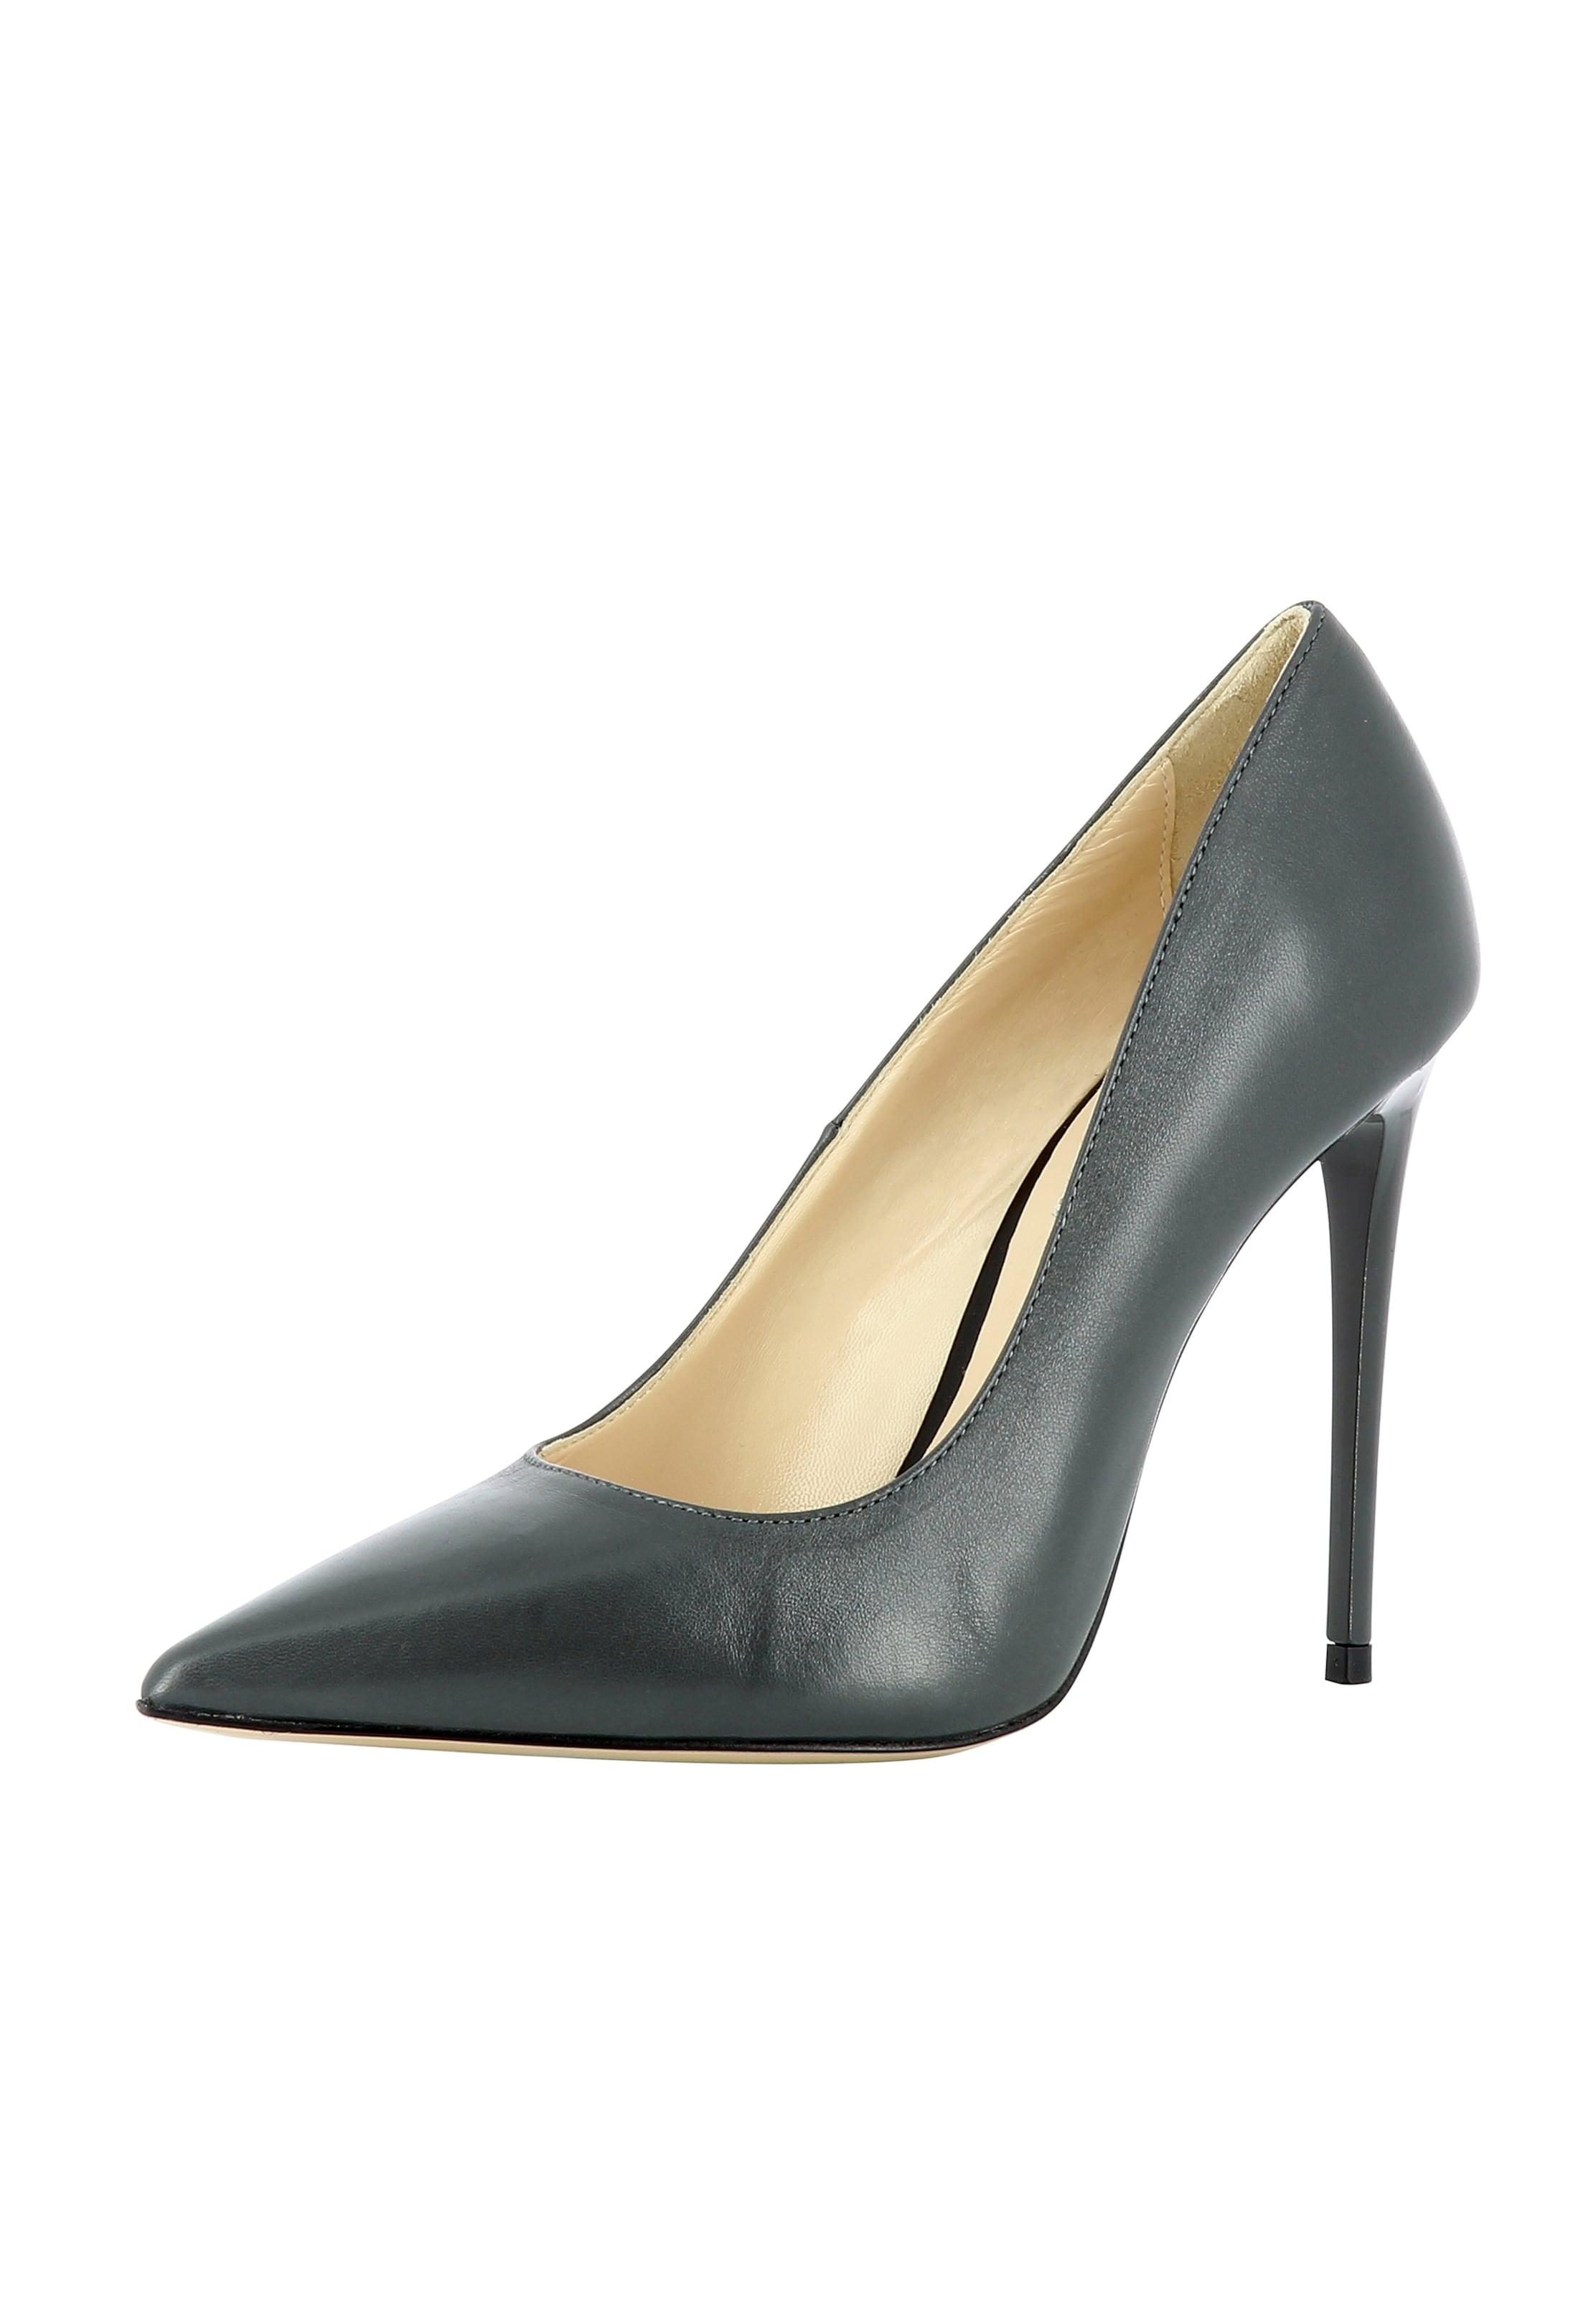 EVITA Damen Pumps DESIDERIA Verschleißfeste billige Schuhe